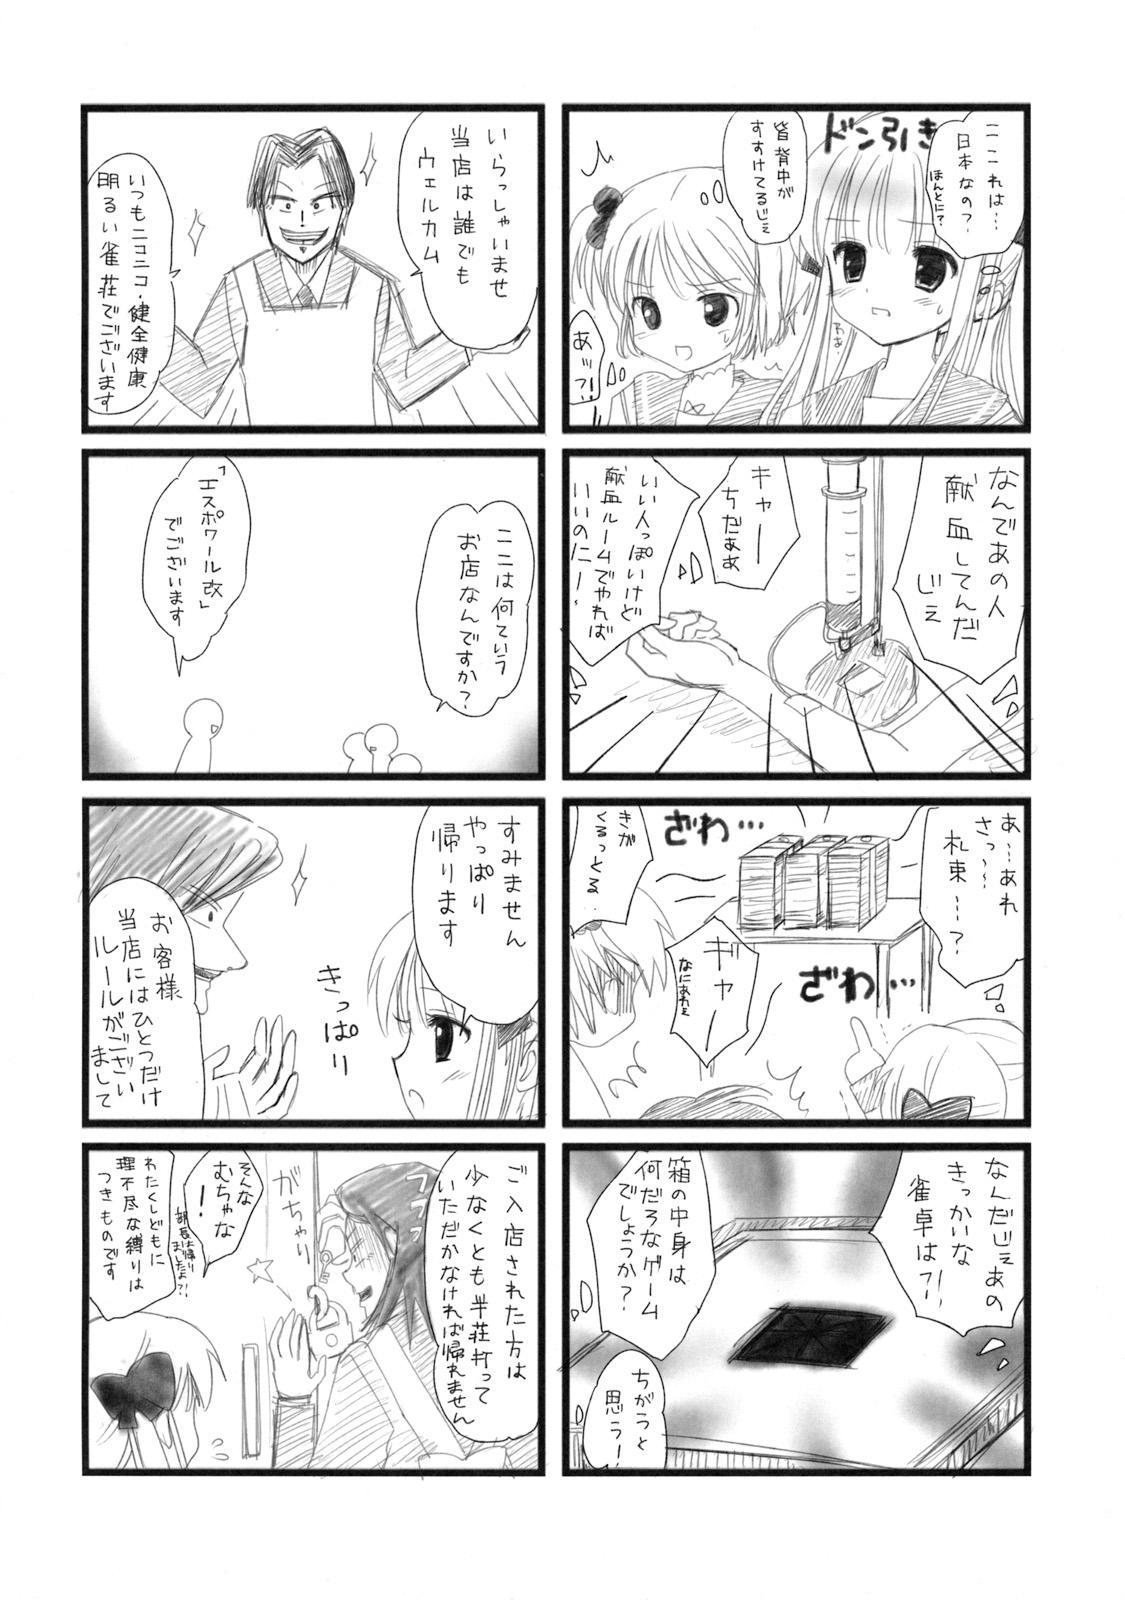 Nodocchi to Washizu Mahjong 4